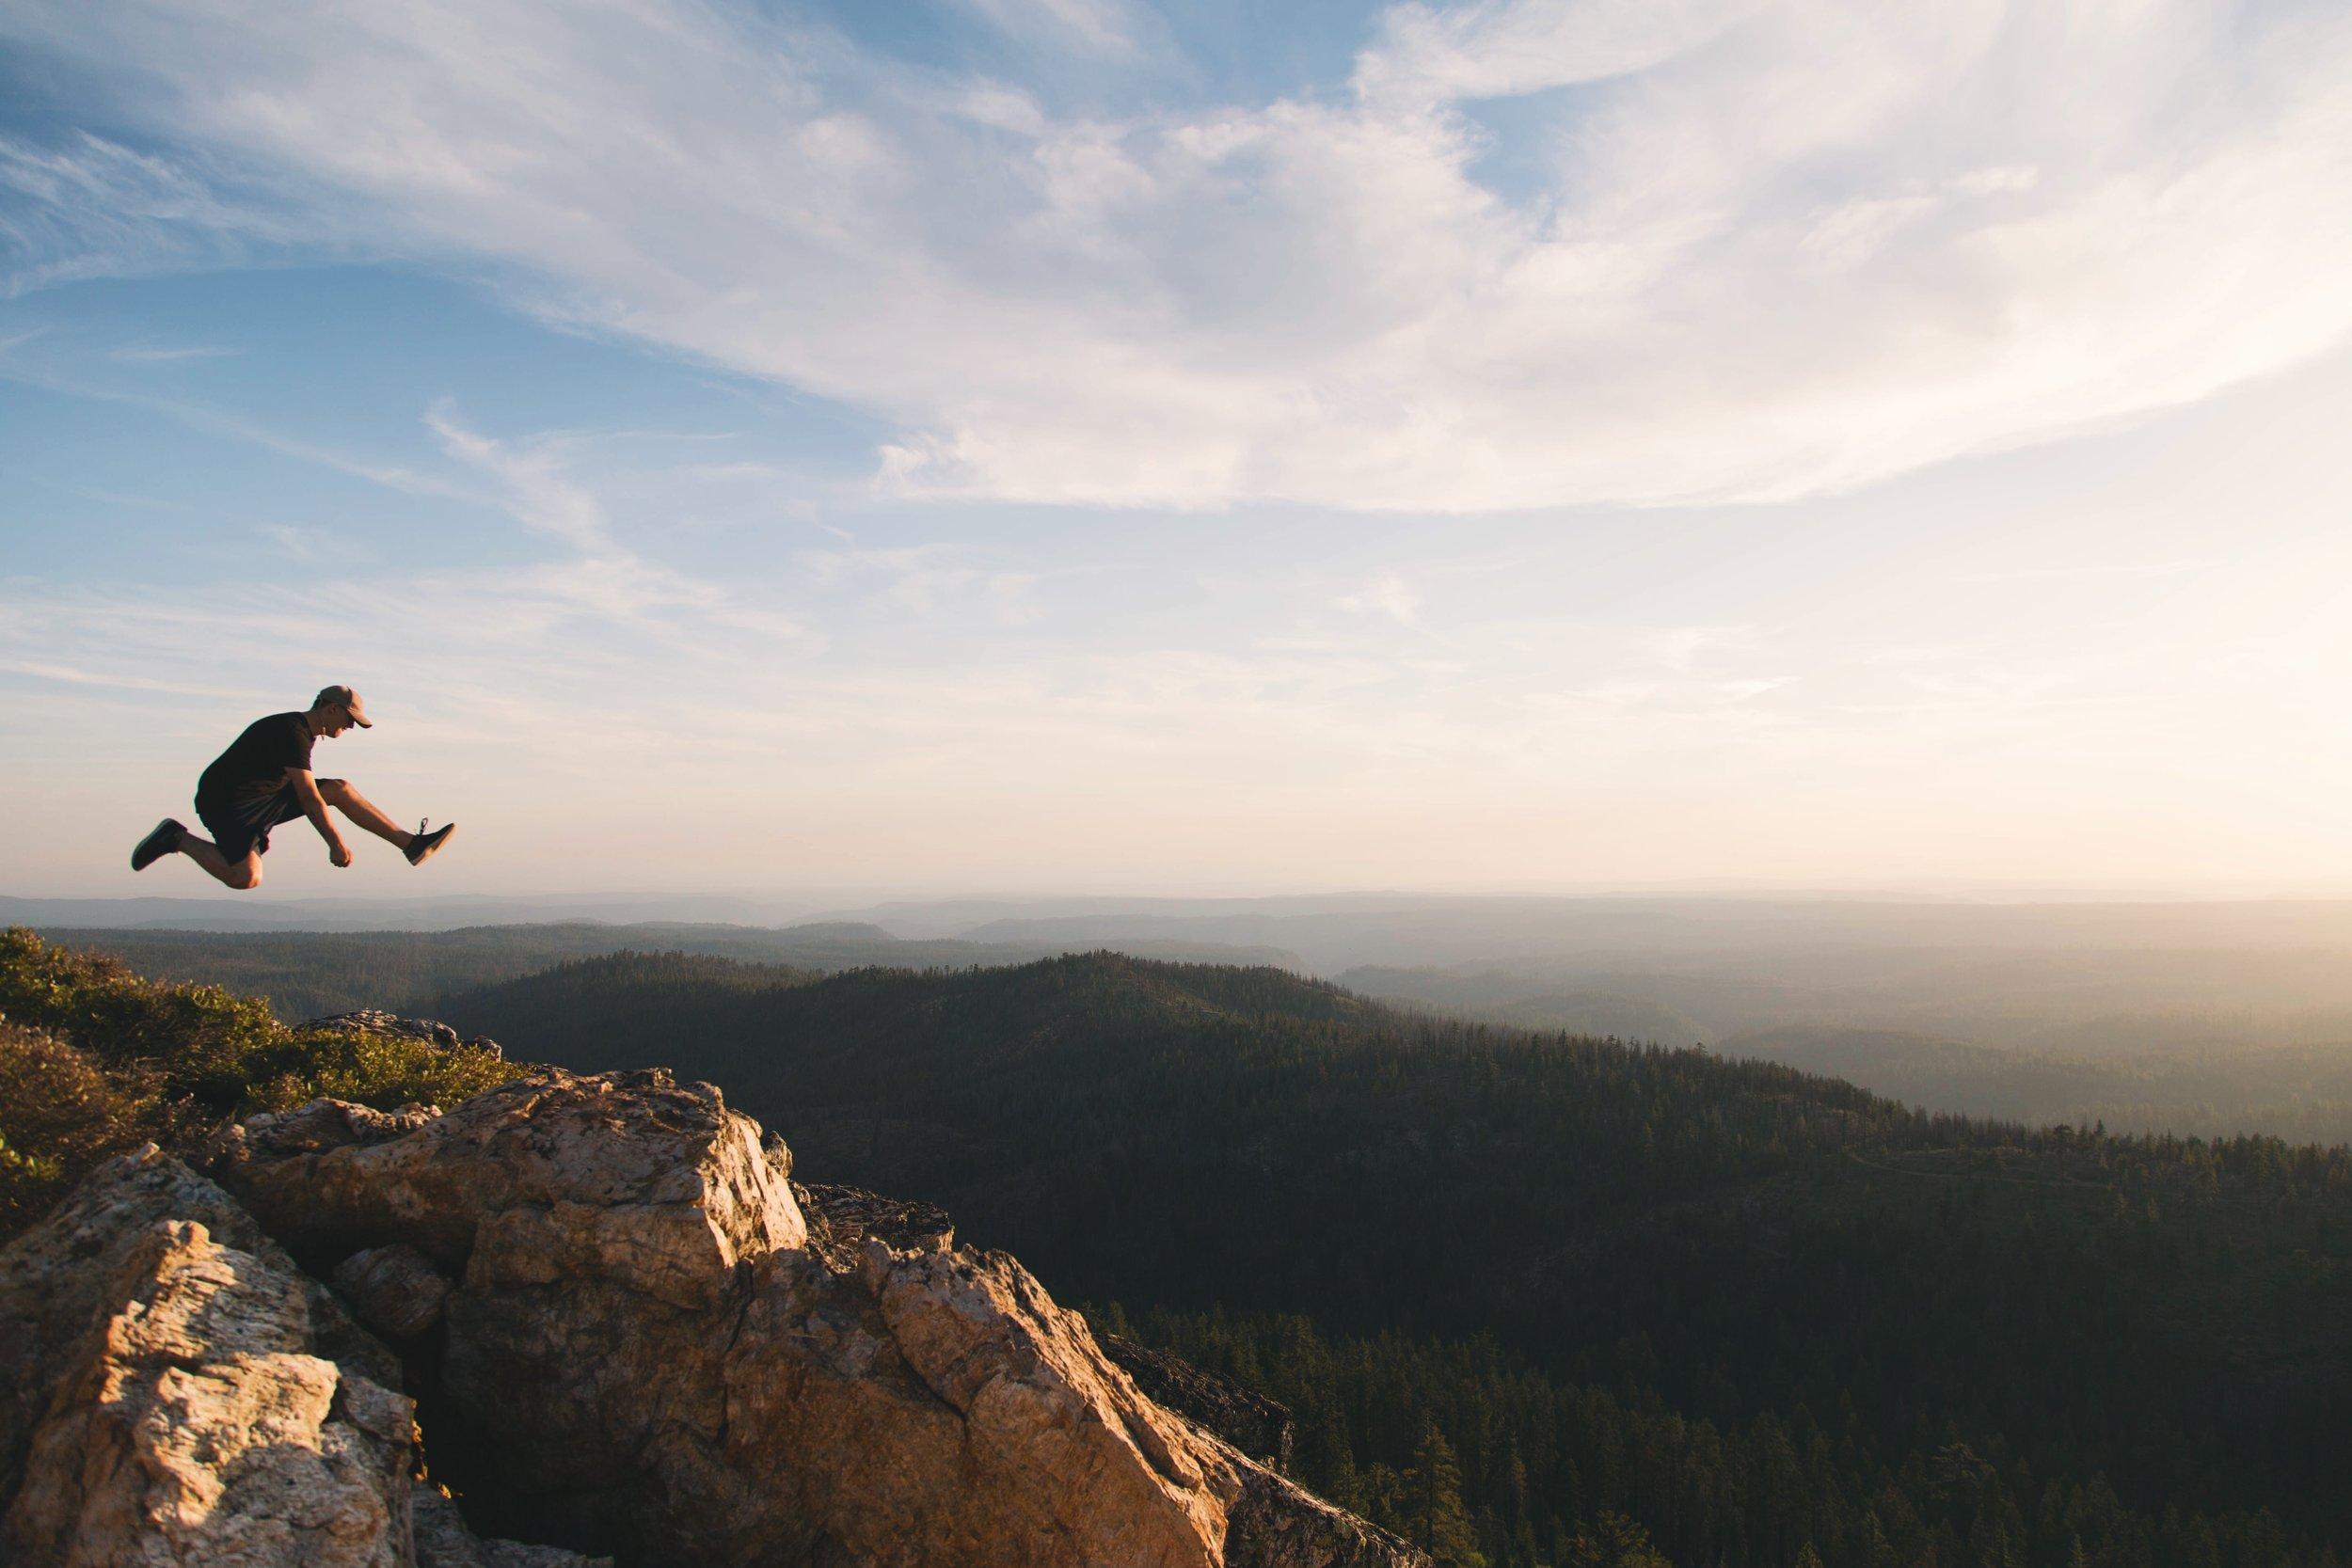 man_jumping.jpg